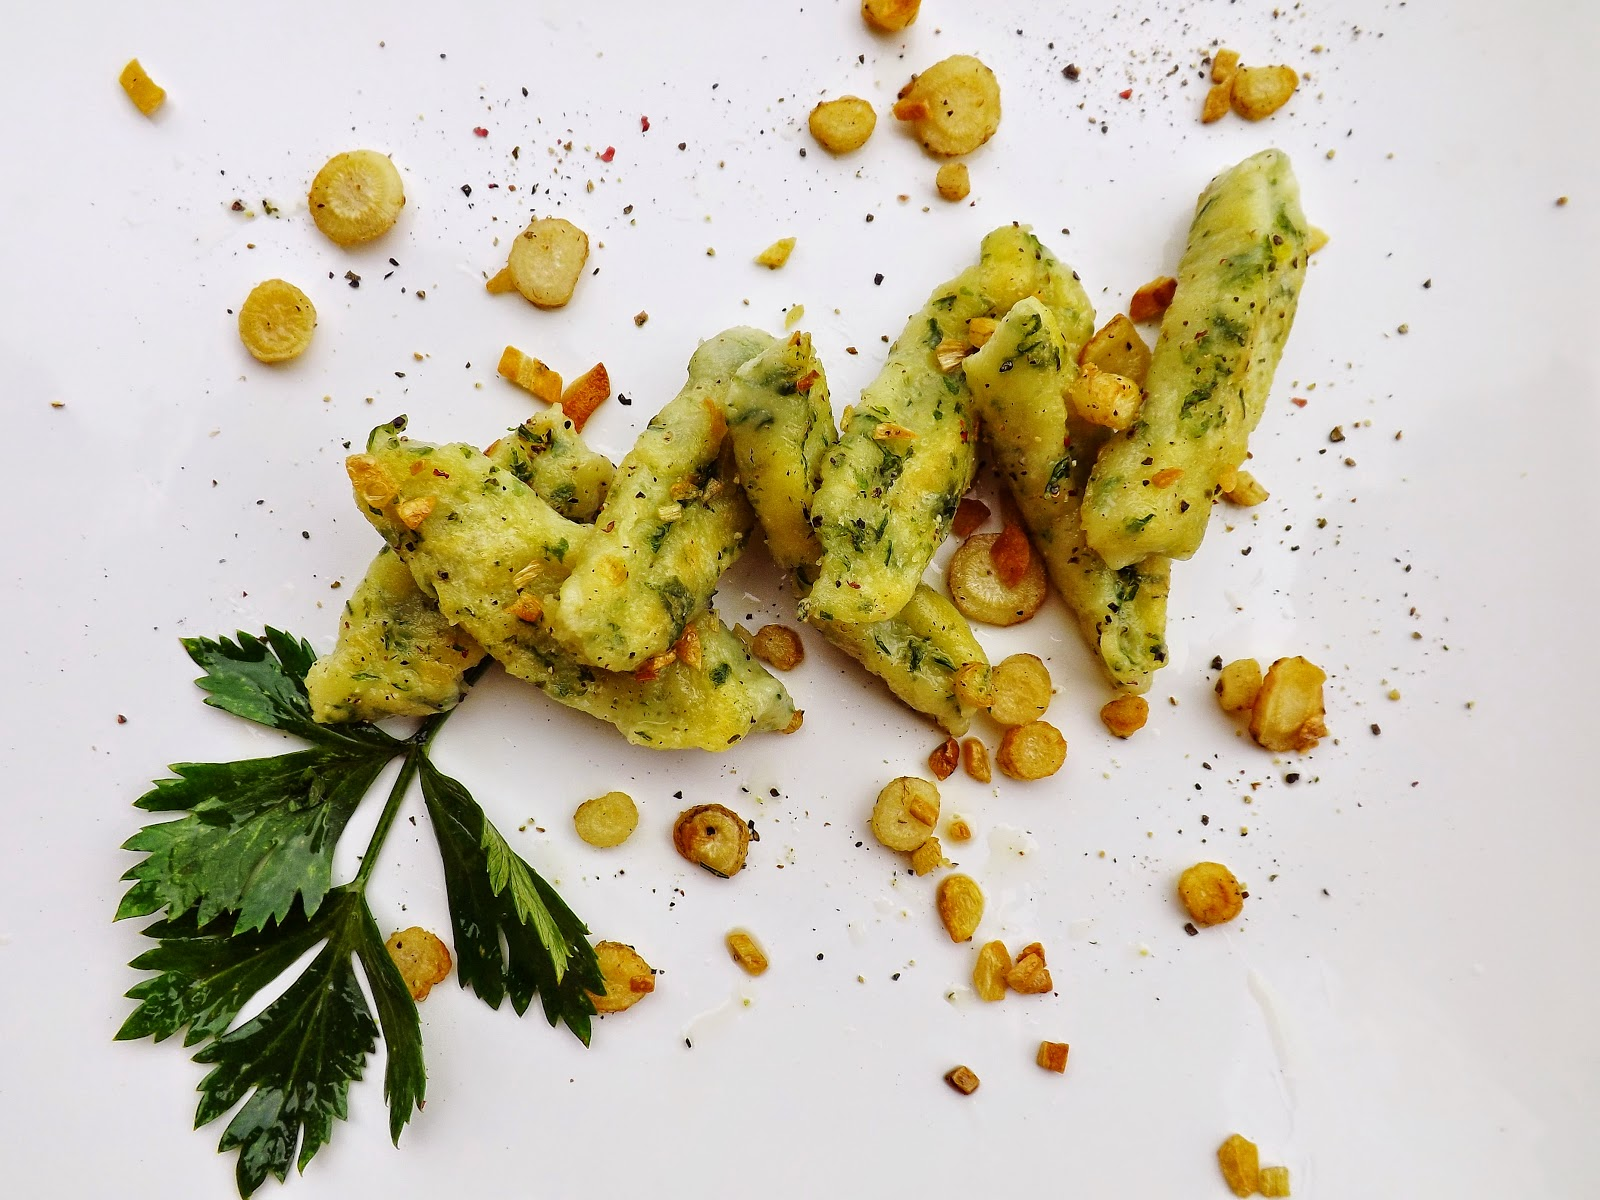 Zielone kopytka smażone z pietruszką i czosnkiem